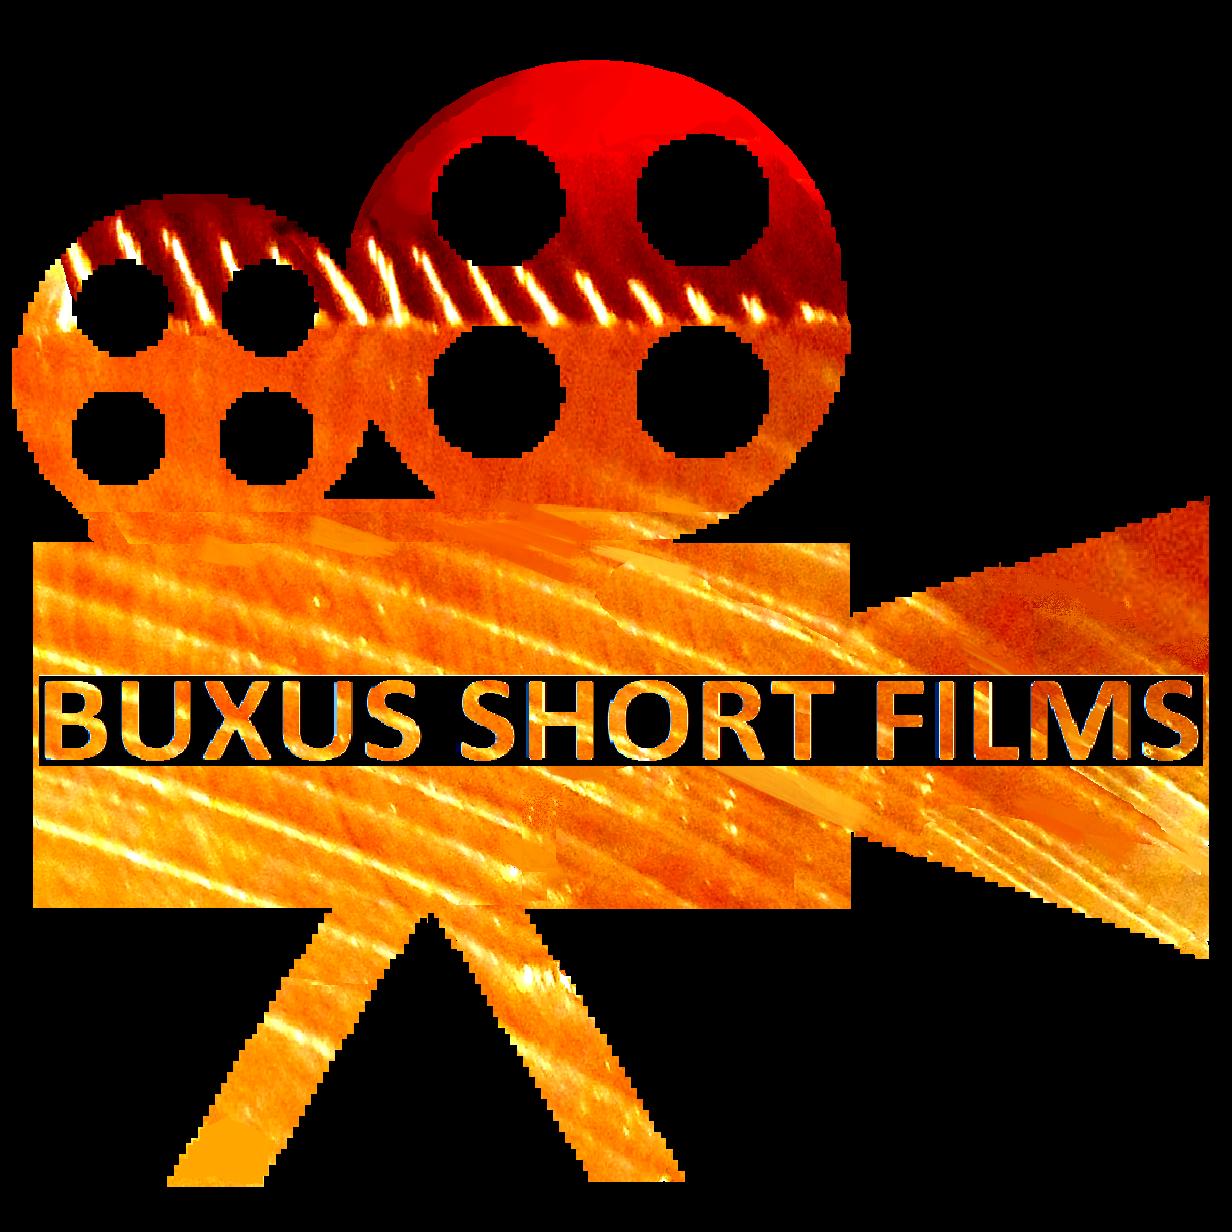 BUXUS SHORT FILMS